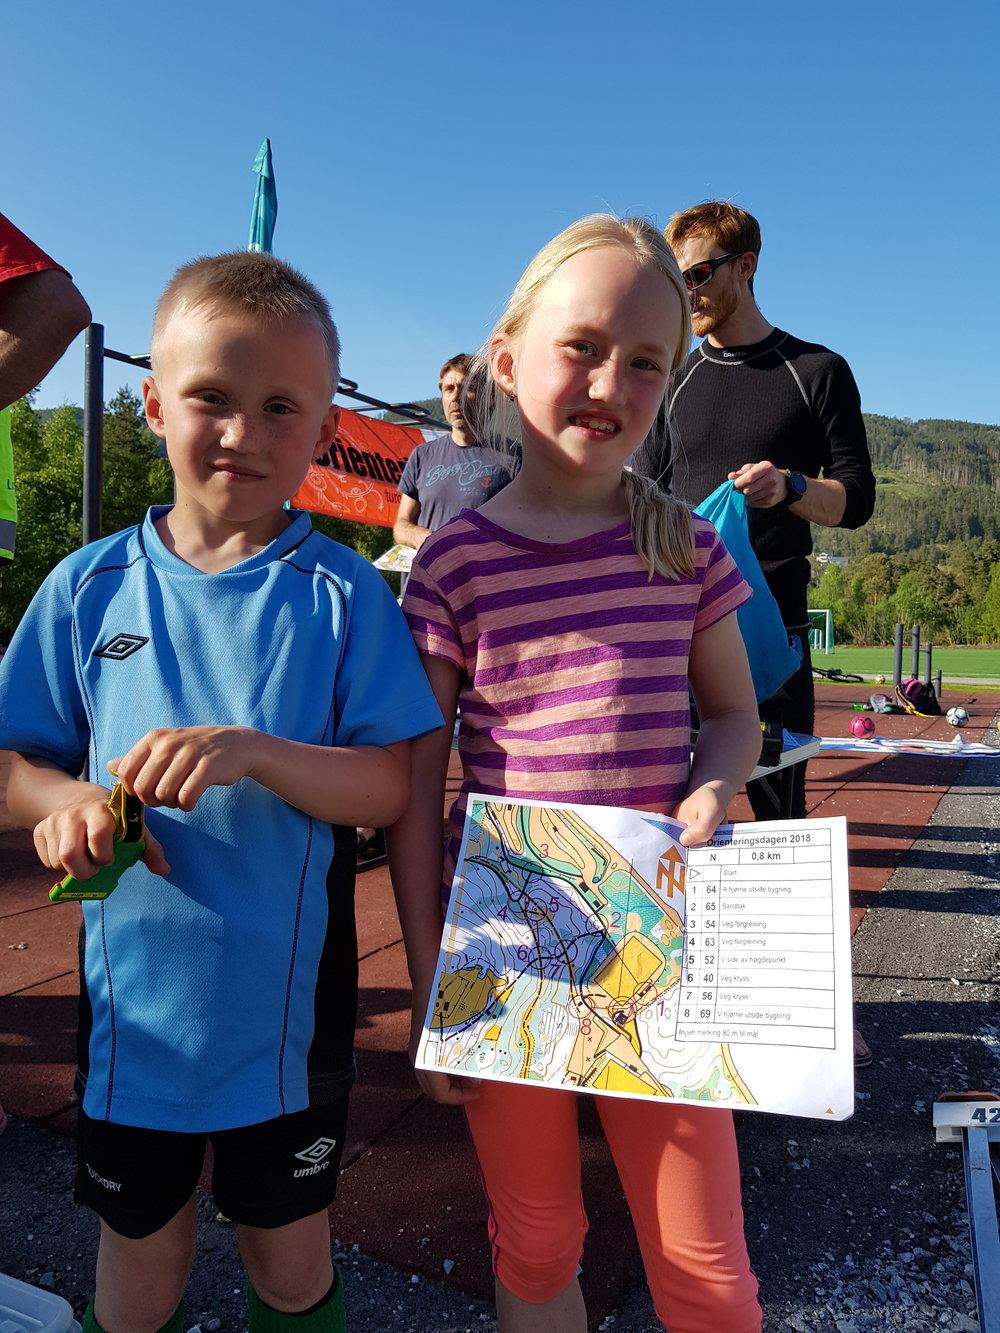 Søskena Jonas og Jenny fann fram i nybyrjarløypa og deltok også på fleire andre aktivitetar